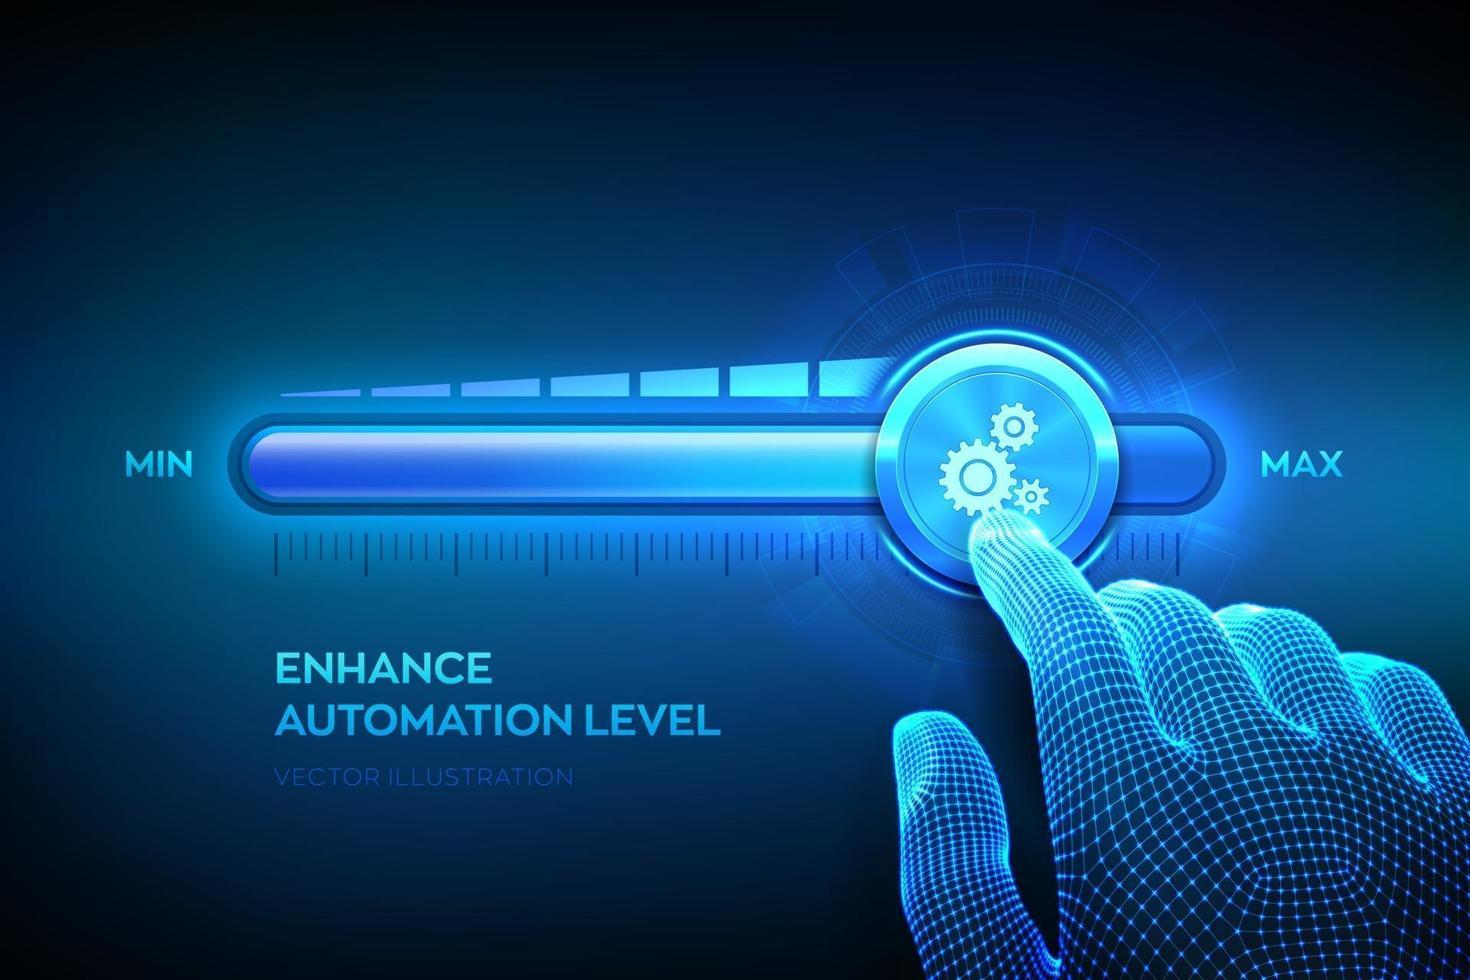 augmentation du niveau d'automatisation. concept de technologie d'innovation d'automatisation des processus robotiques rpa. la main filaire tire jusqu'à la barre de progression de la position maximale avec l'icône d'engrenages. vecteur